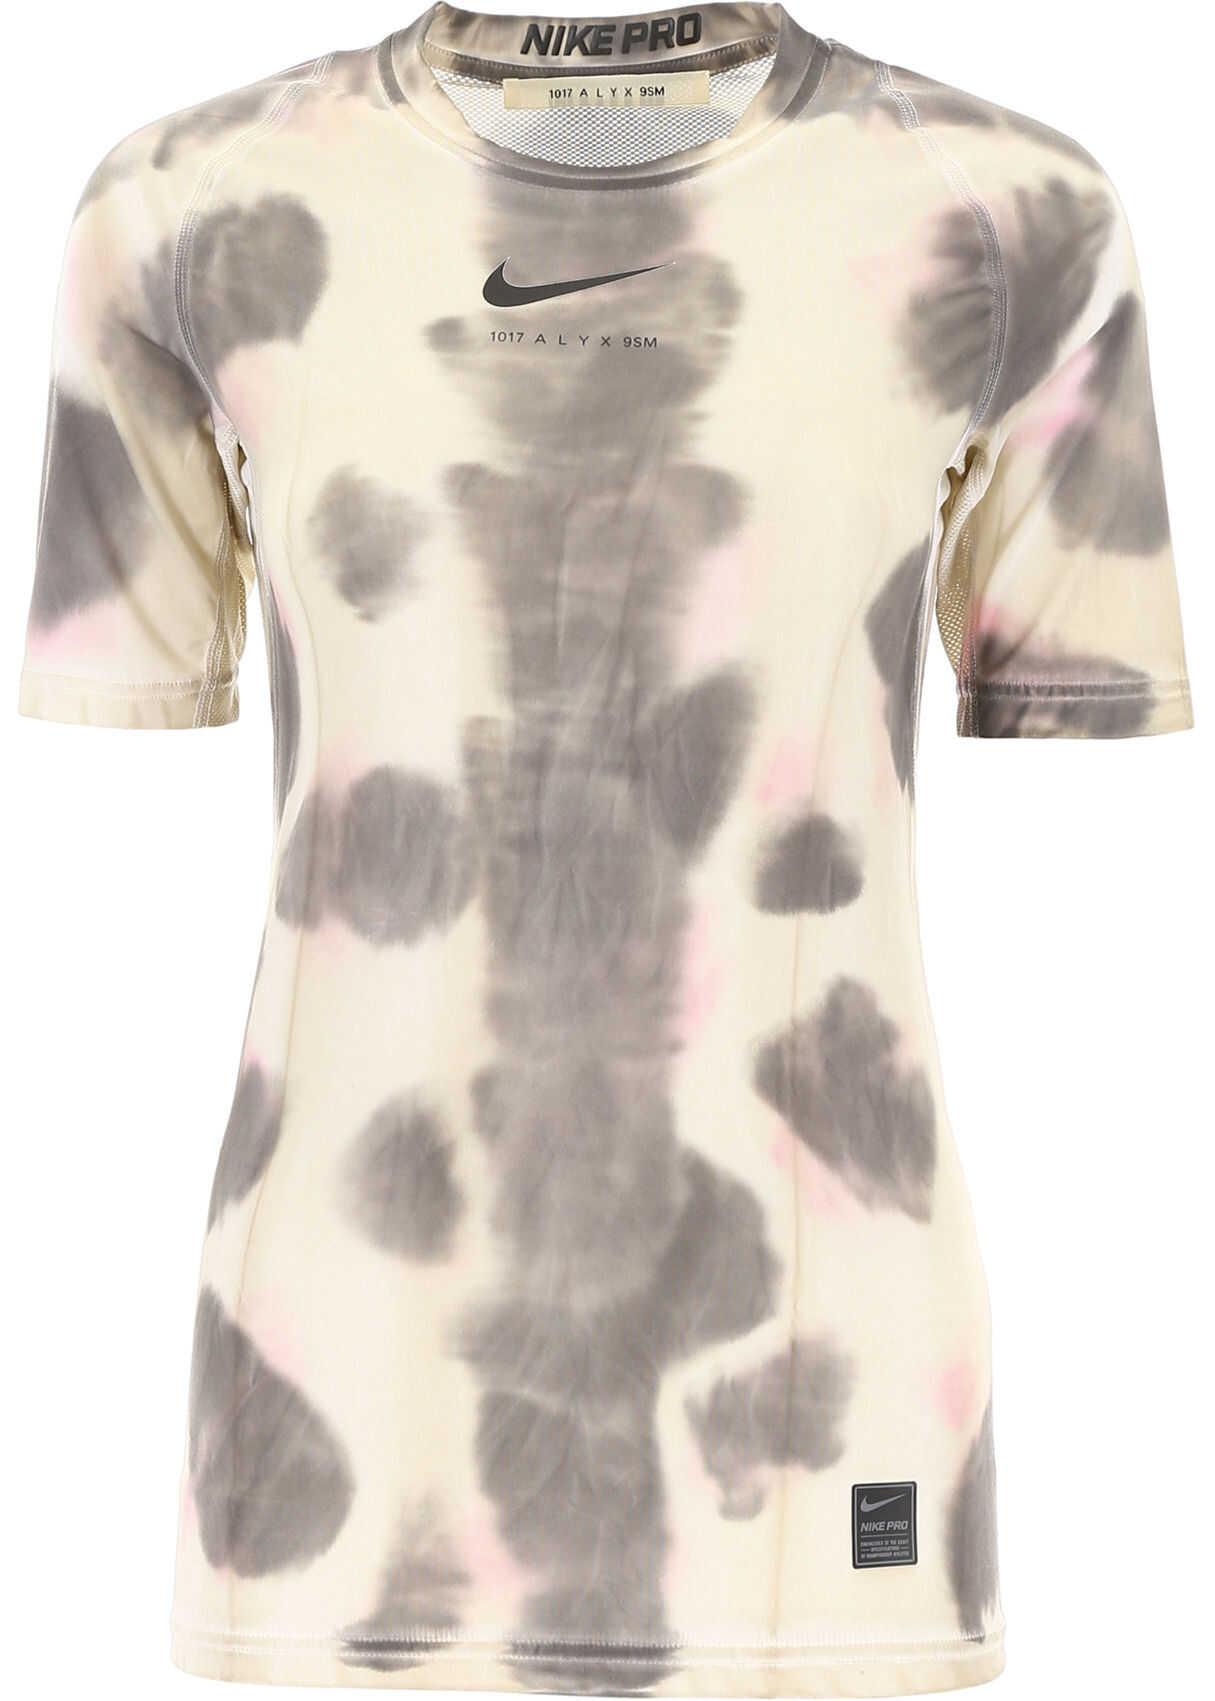 Alyx 1017 9Sm Nike Logo T-Shirt TAN CAMO